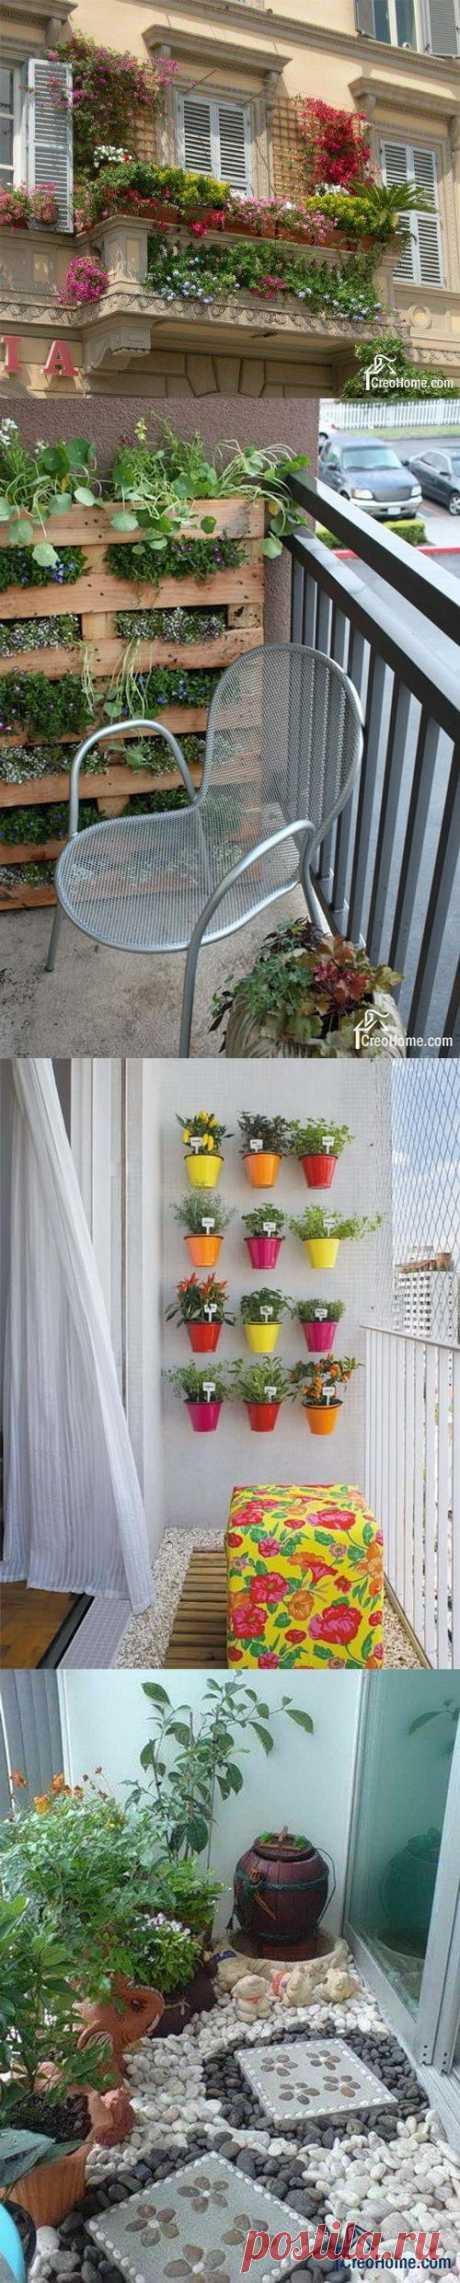 Сад и огород на вашем городском балконе. 170 ИДЕЙ для обустройства ЛЕТА!